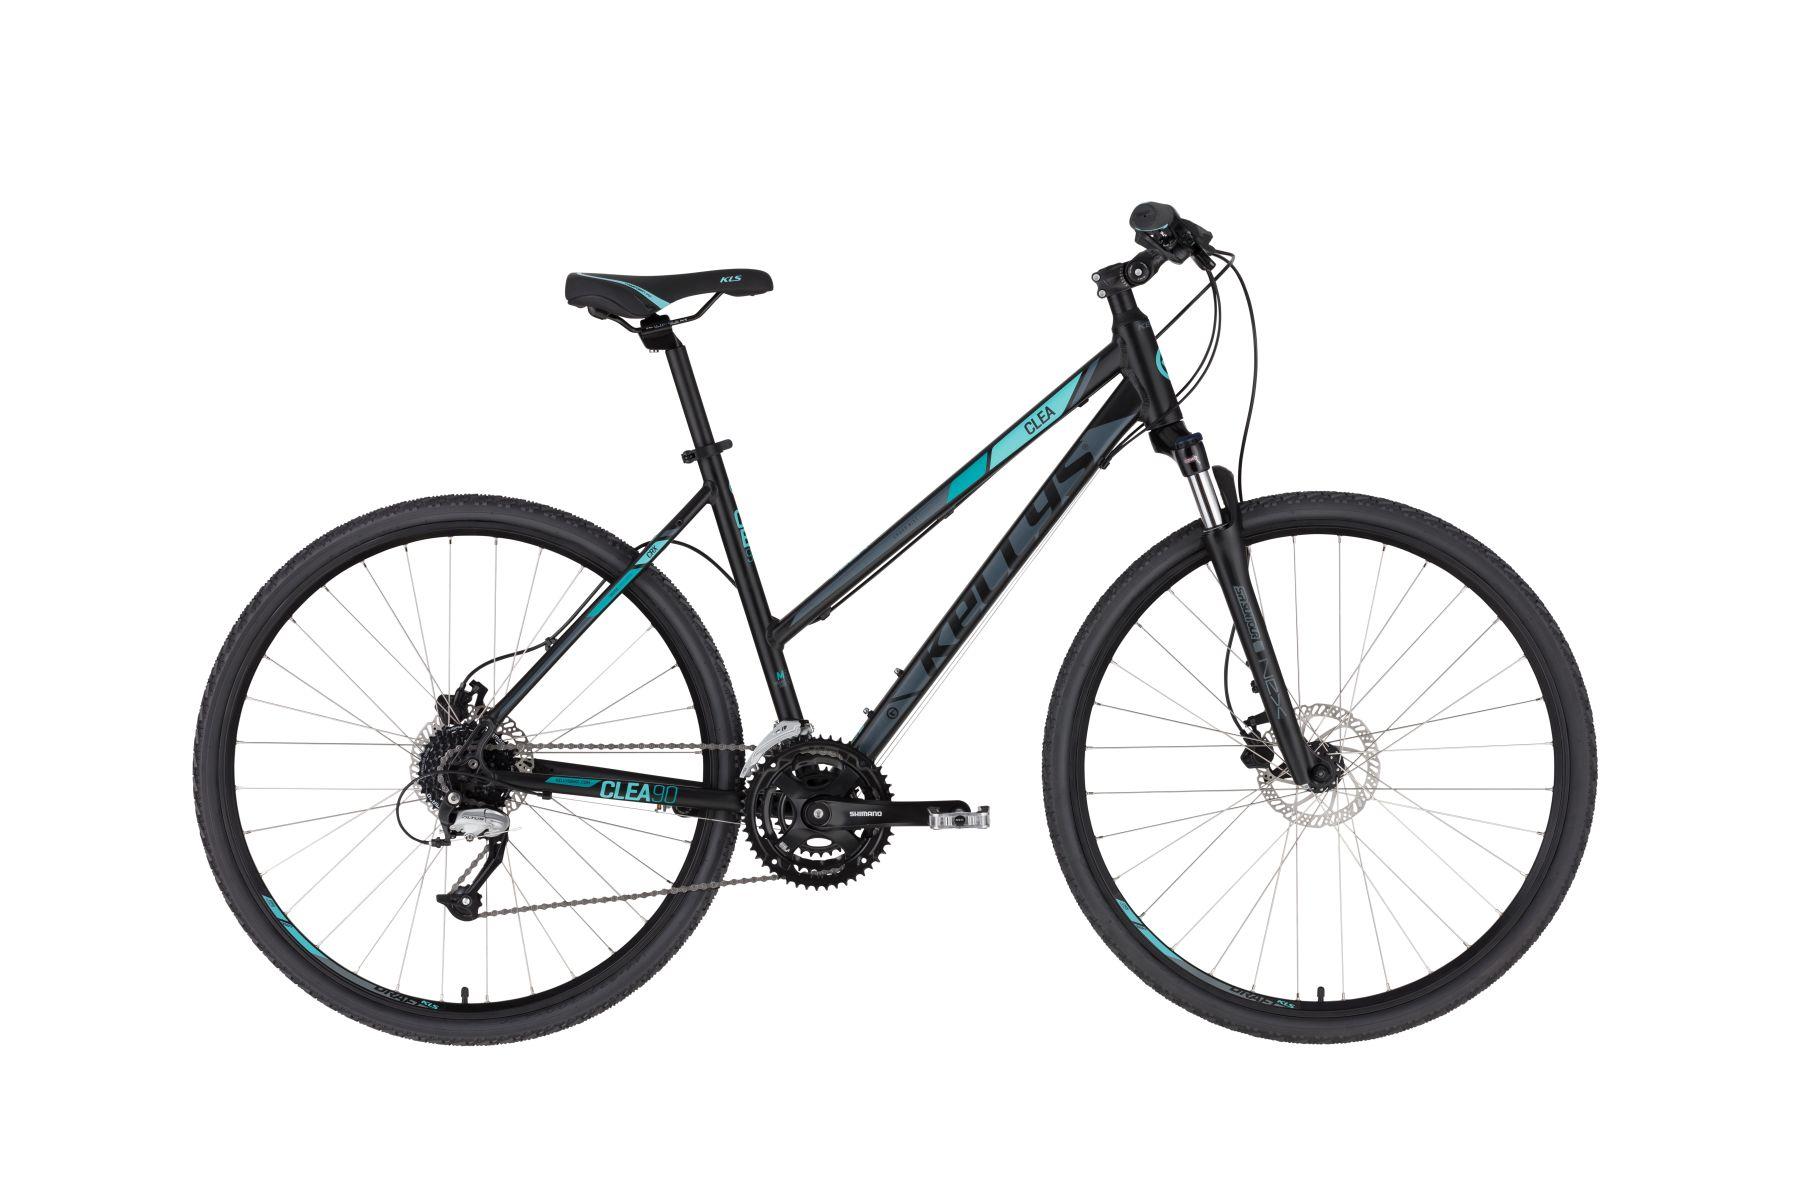 KELLYS Clea 90 női cross kerékpár - fekete/aqua - S (2020)